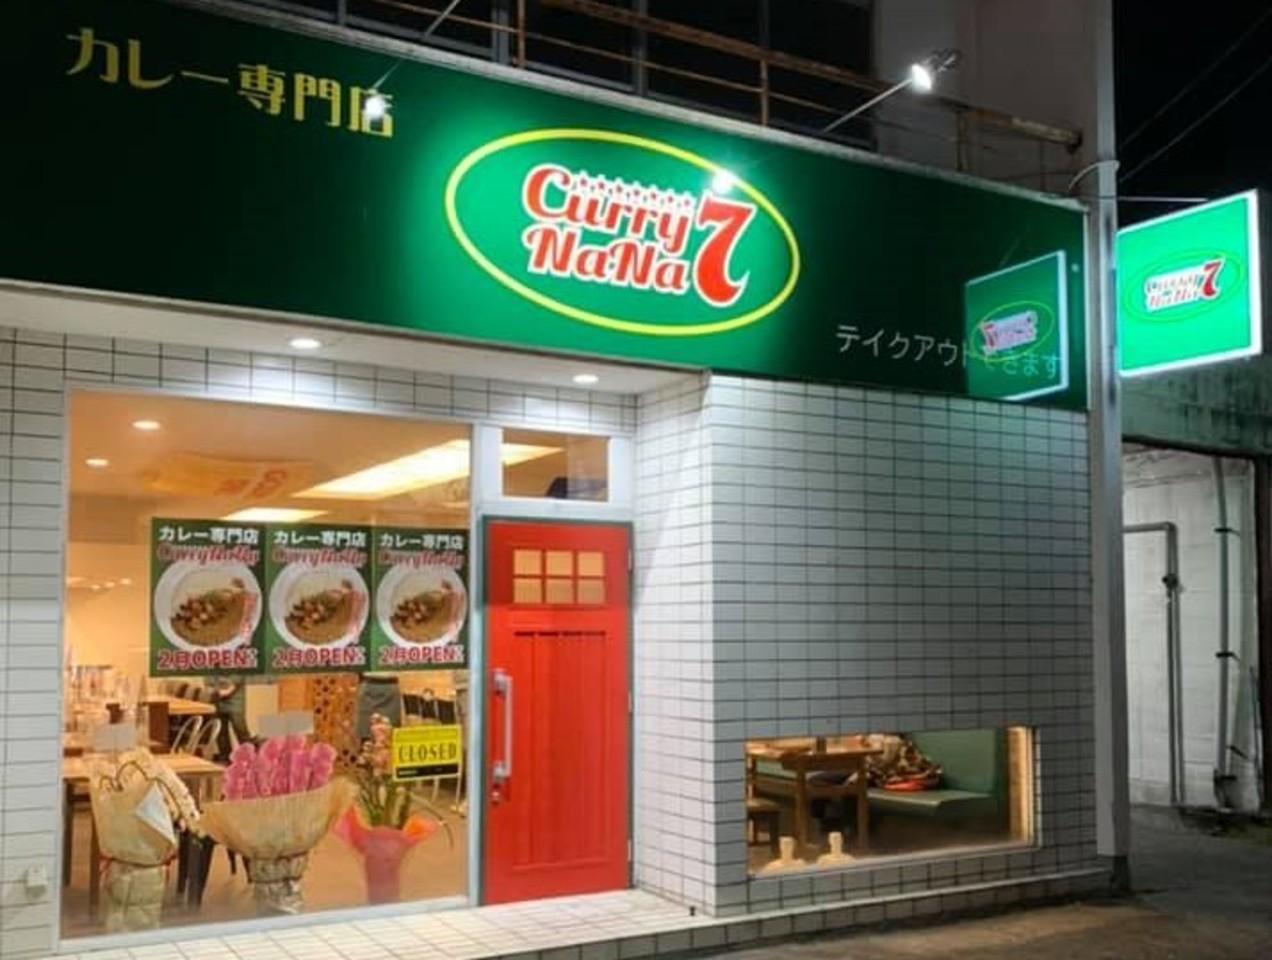 岡山県倉敷市幸町に「カレーナナ倉敷店」が2/5にオープンされたようです。